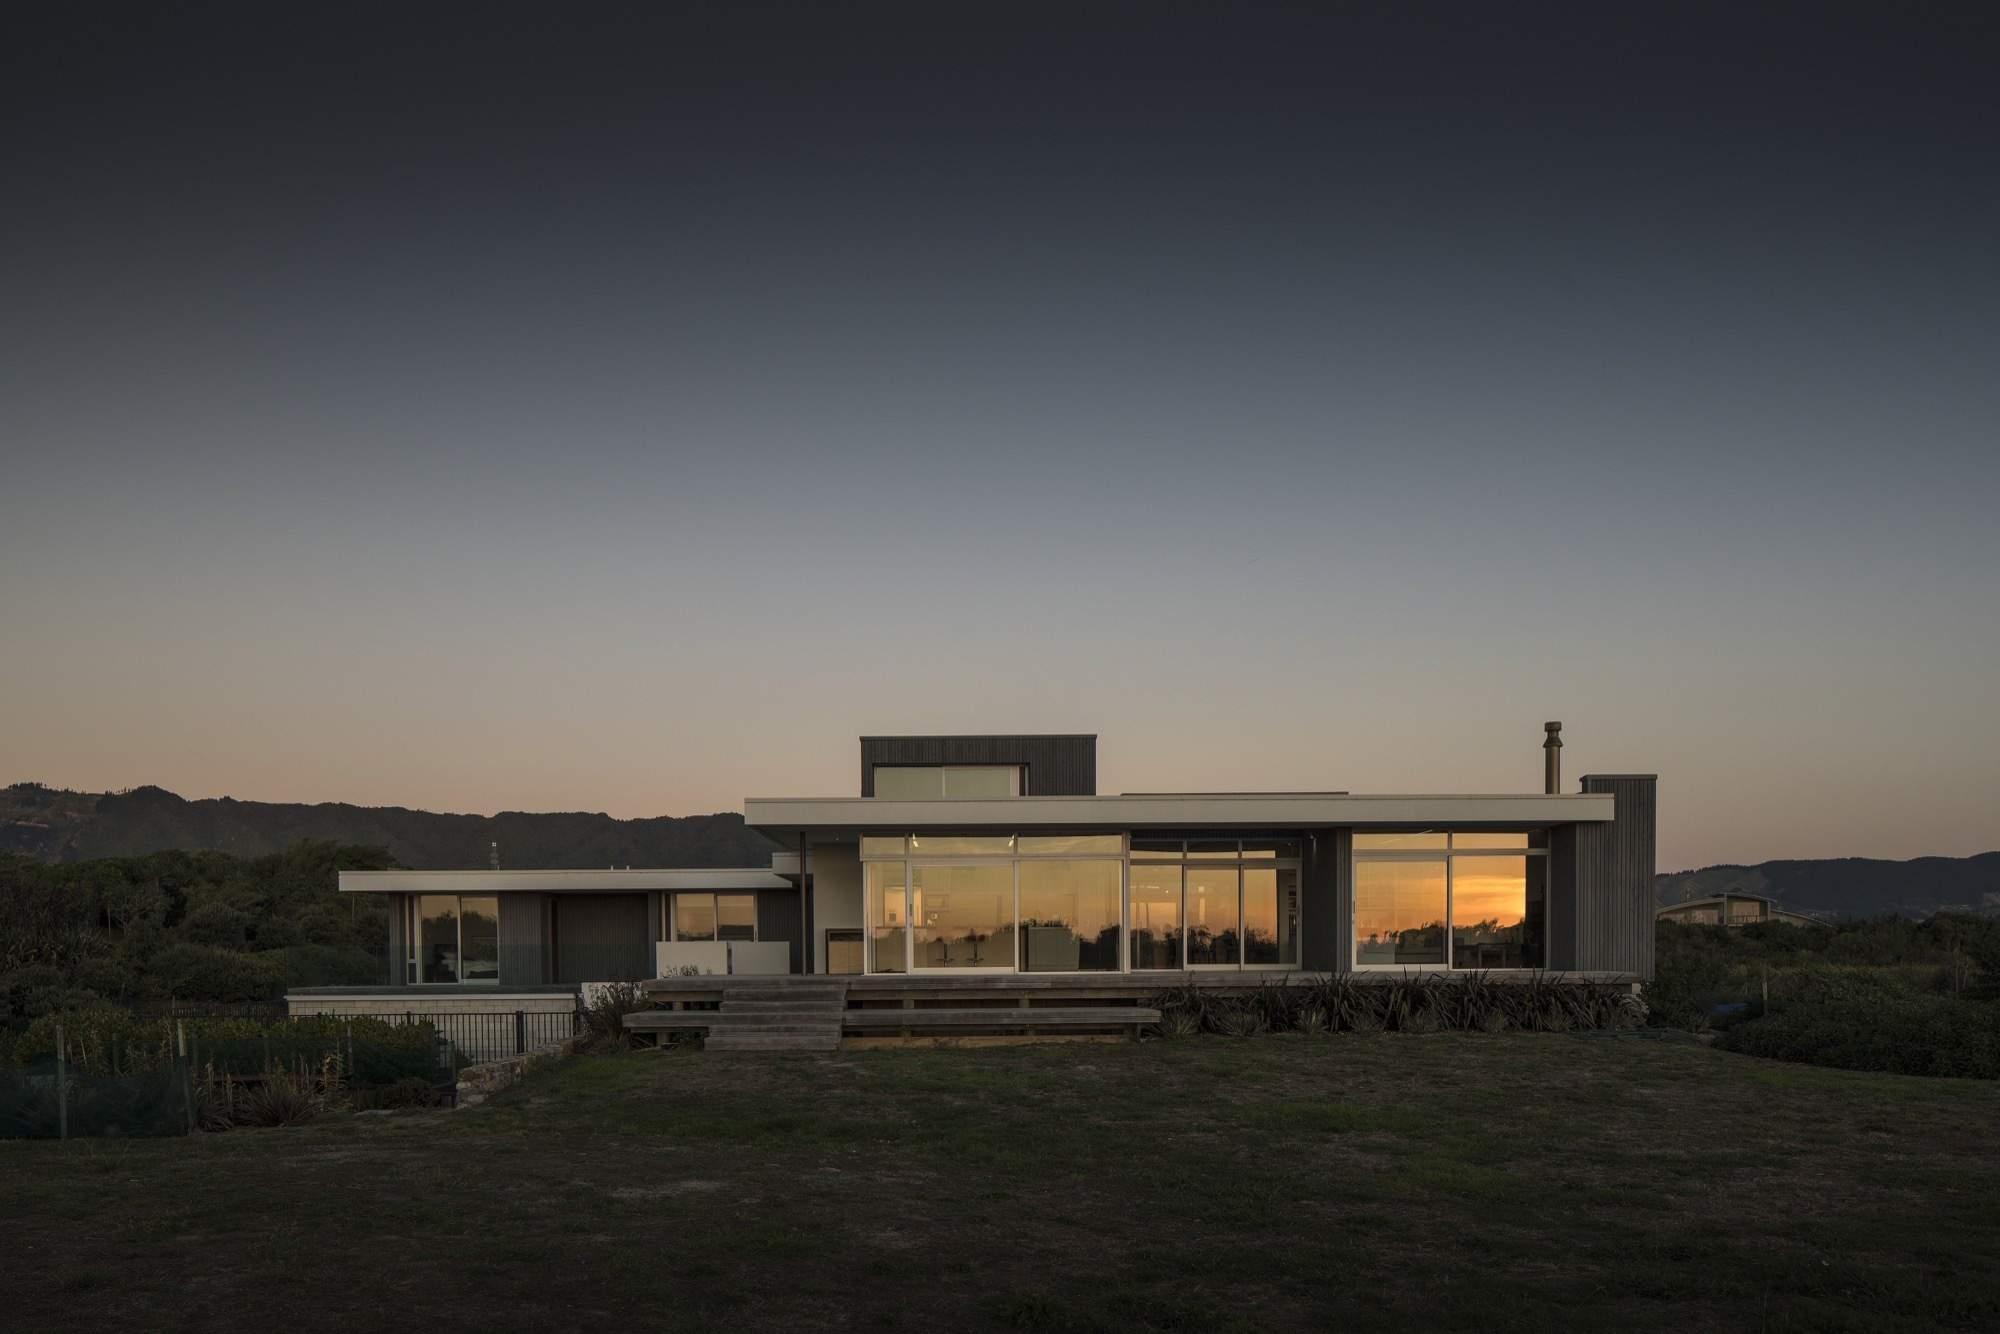 Дом Waikanae в Новой Зеландии – победитель престижного архитектурного конкурса